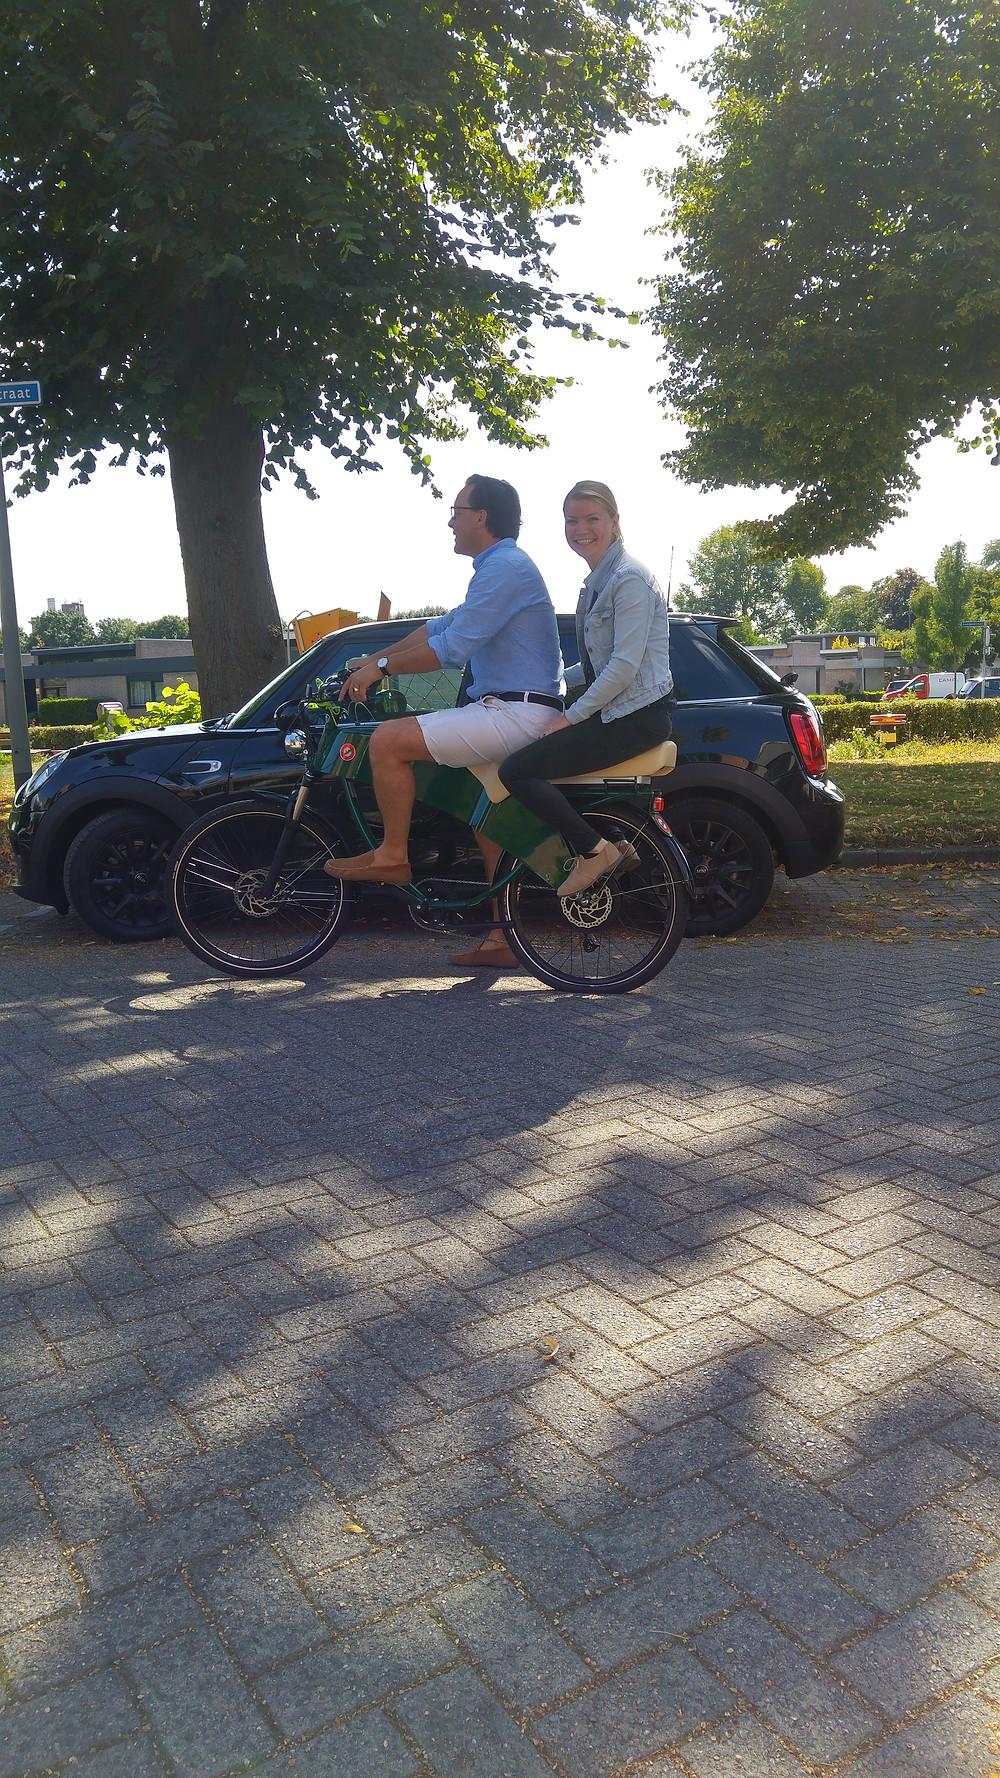 De retro look brengt de romantiek van samen op de fiets terug naar 2020!